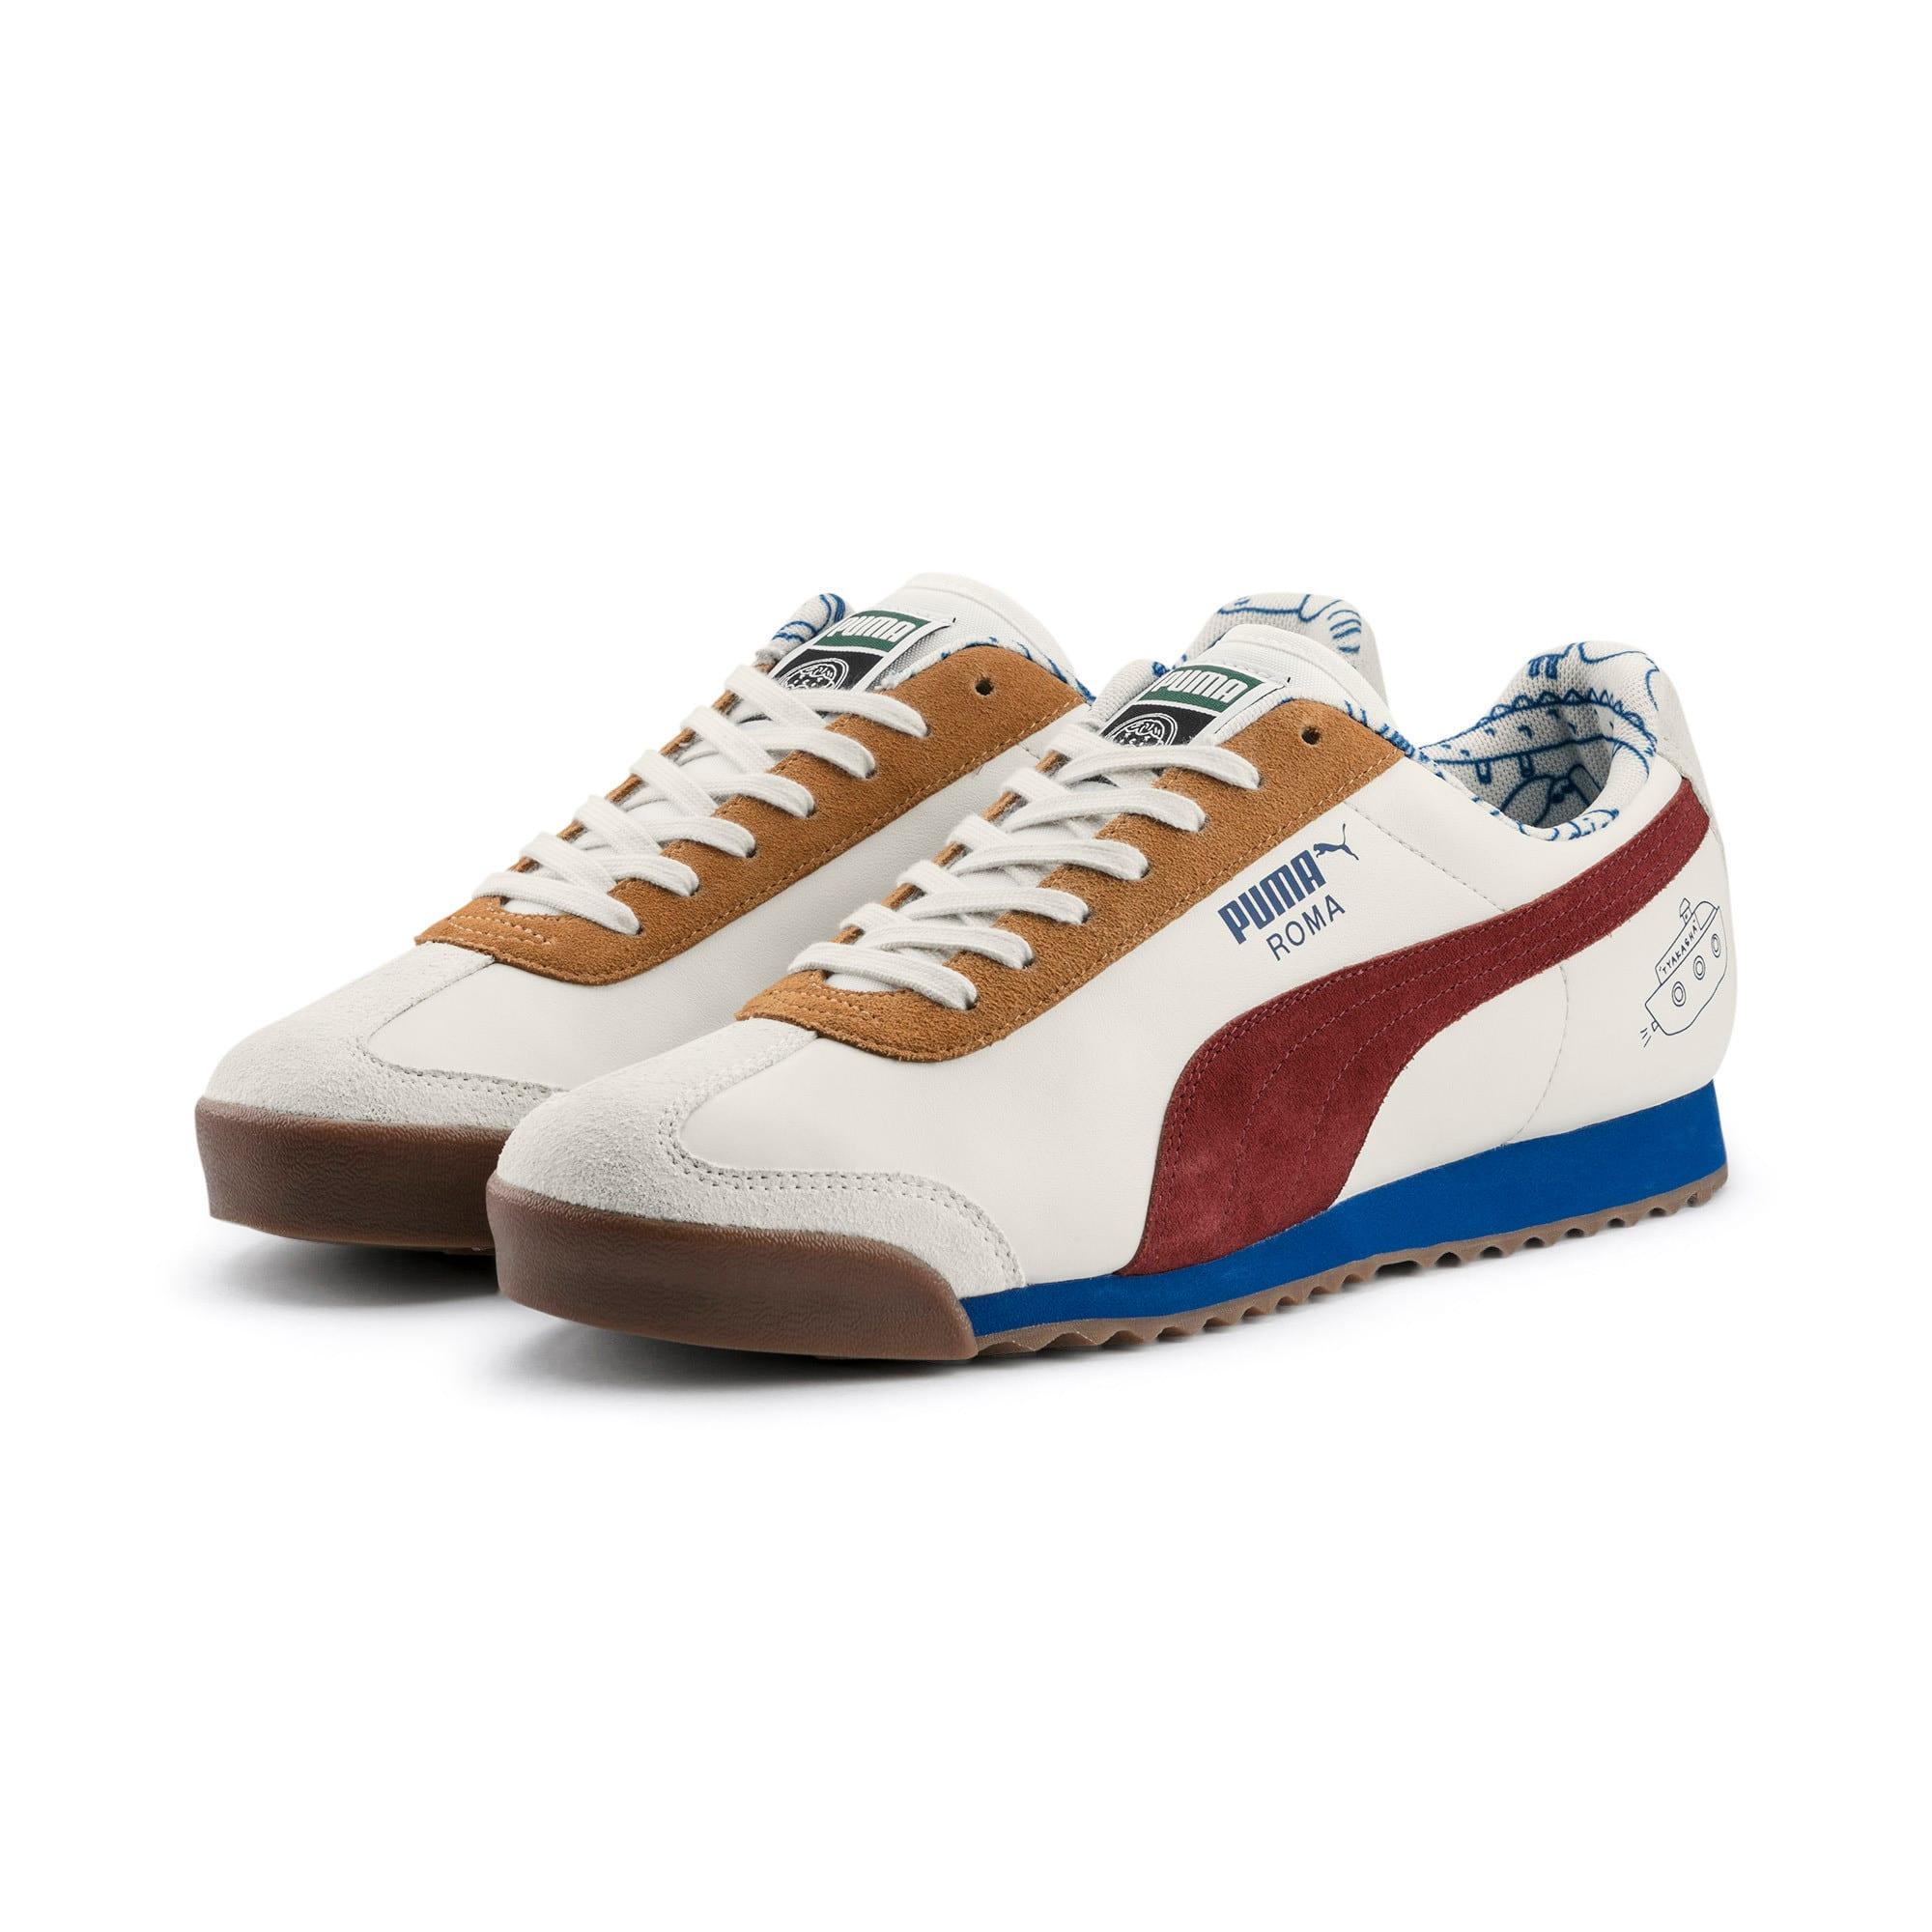 Miniatura 4 de Zapatos deportivos Roma PUMA x TYAKASHA , Marshmallow-Fired Brick, mediano